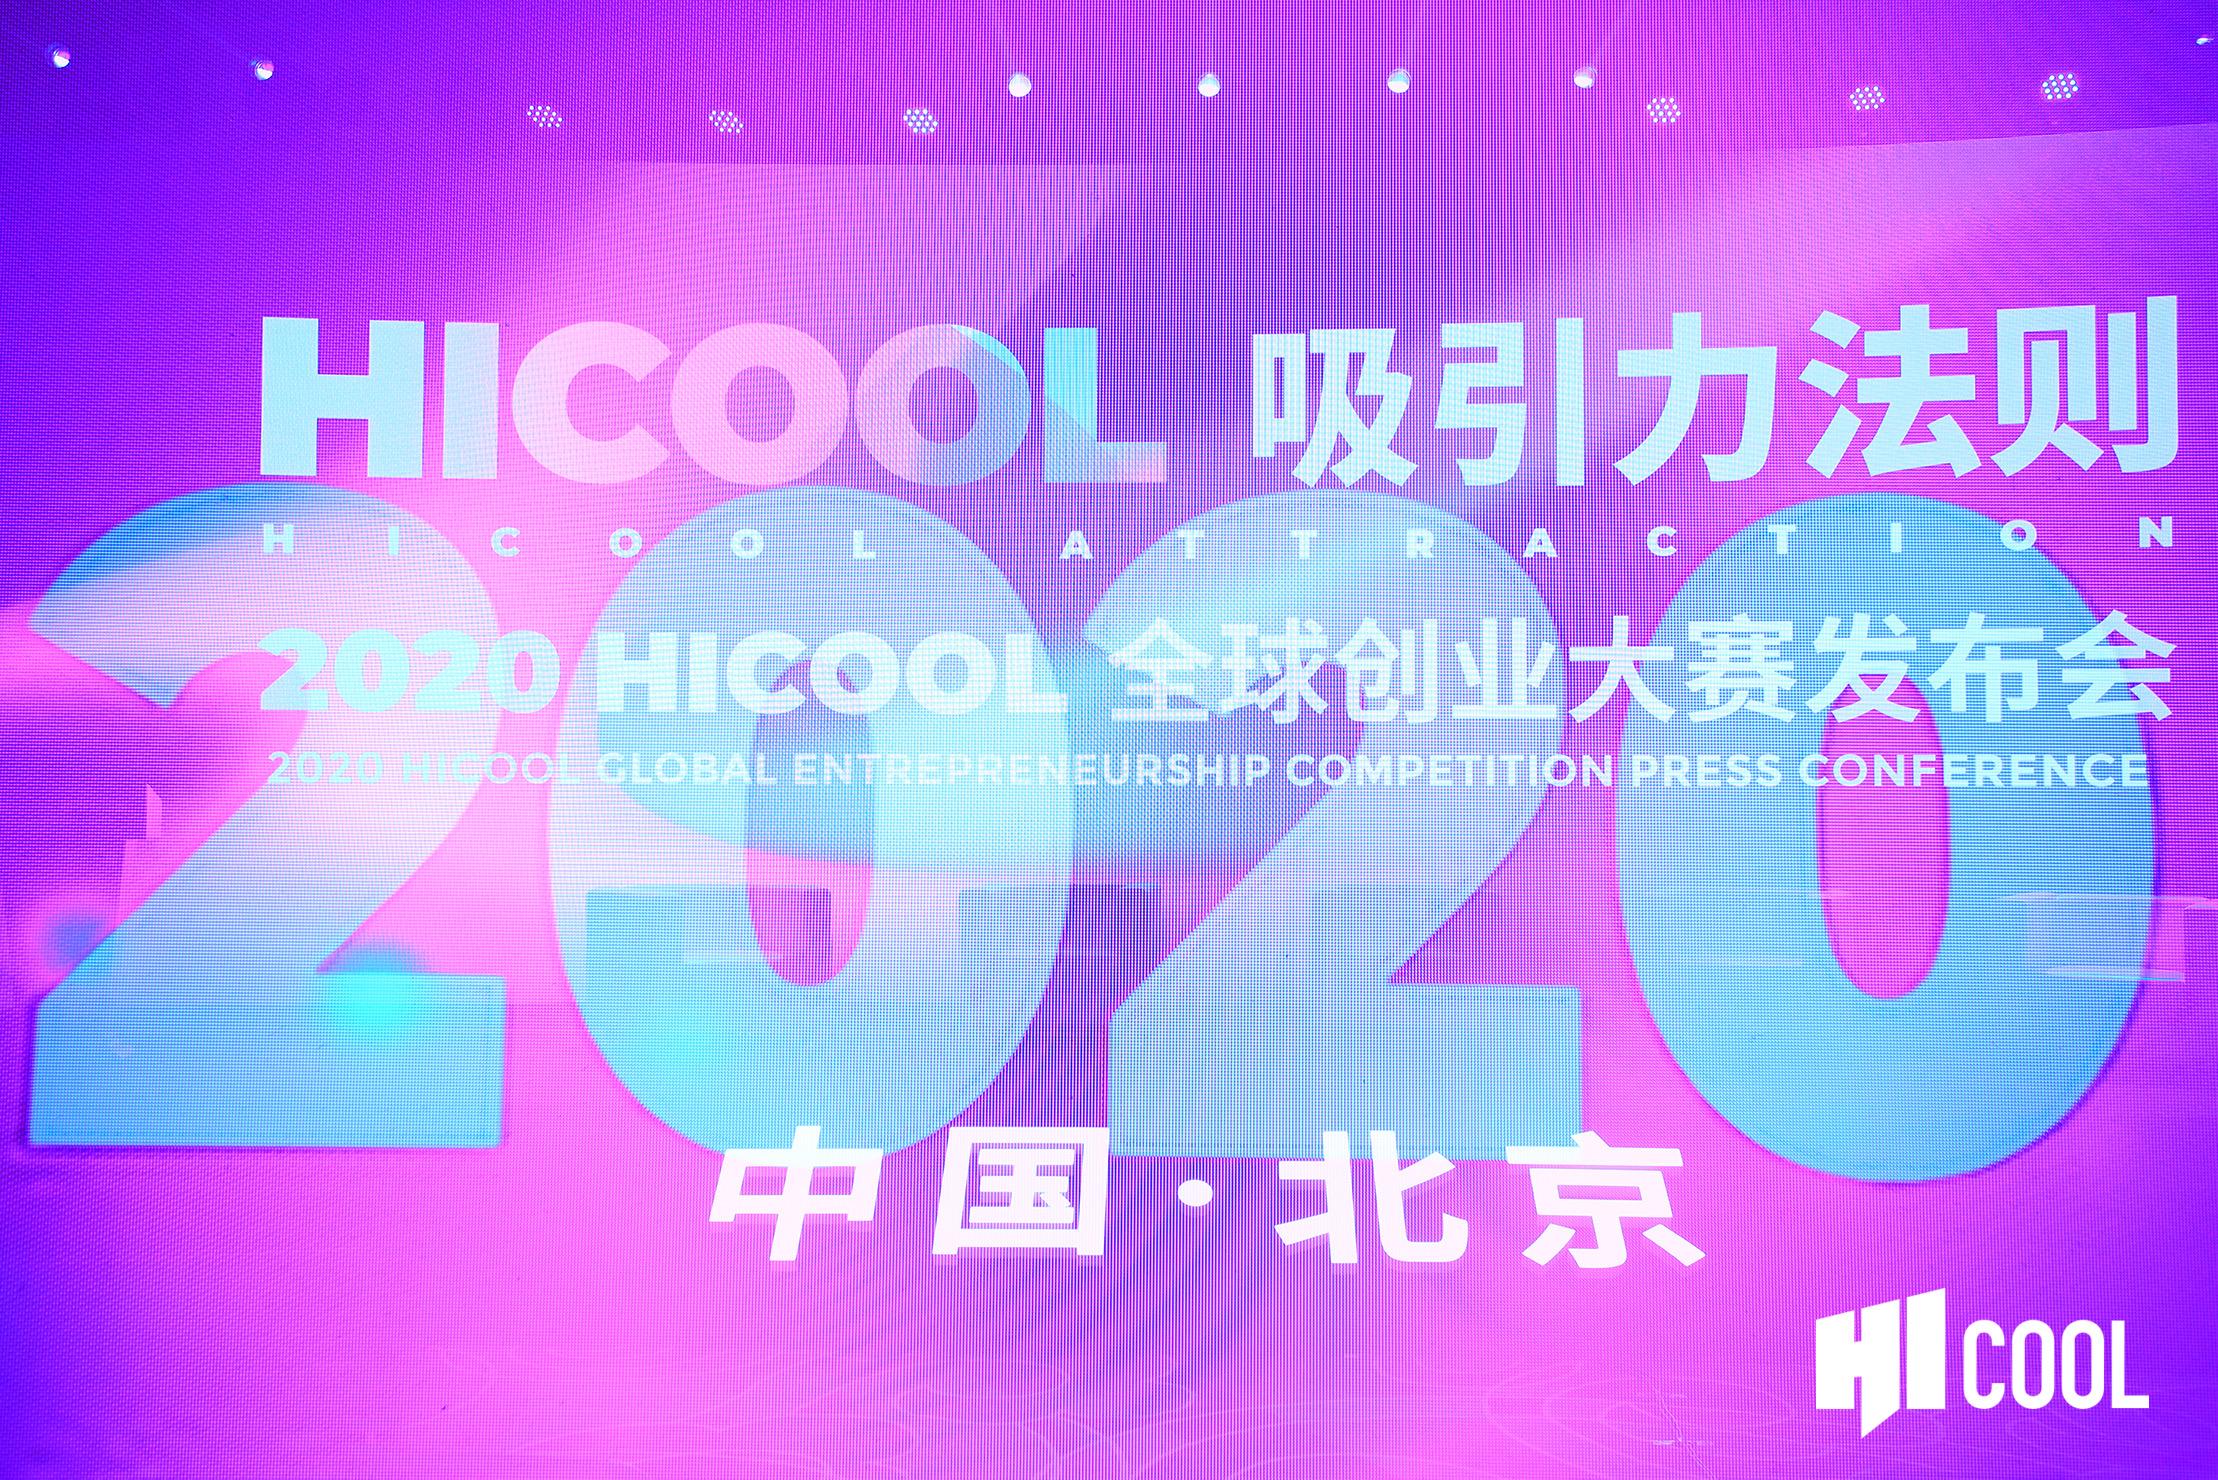 """HICOOL 全球创业大赛 """"吸引力法则"""" 发布会公布初赛战报,全球600多个项目进入初赛"""